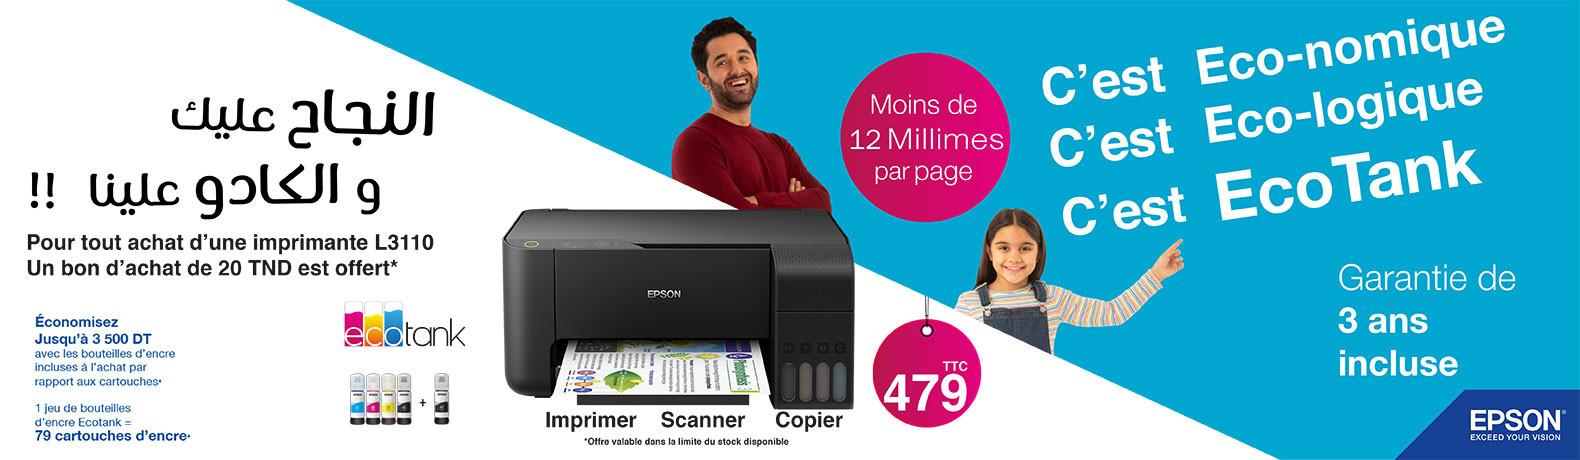 Imprimante Multifonction 3 en 1 à réservoir intégré Couleur Epson L3110 + 5 Bouteilles d'encre + Bon d'achat 20DT